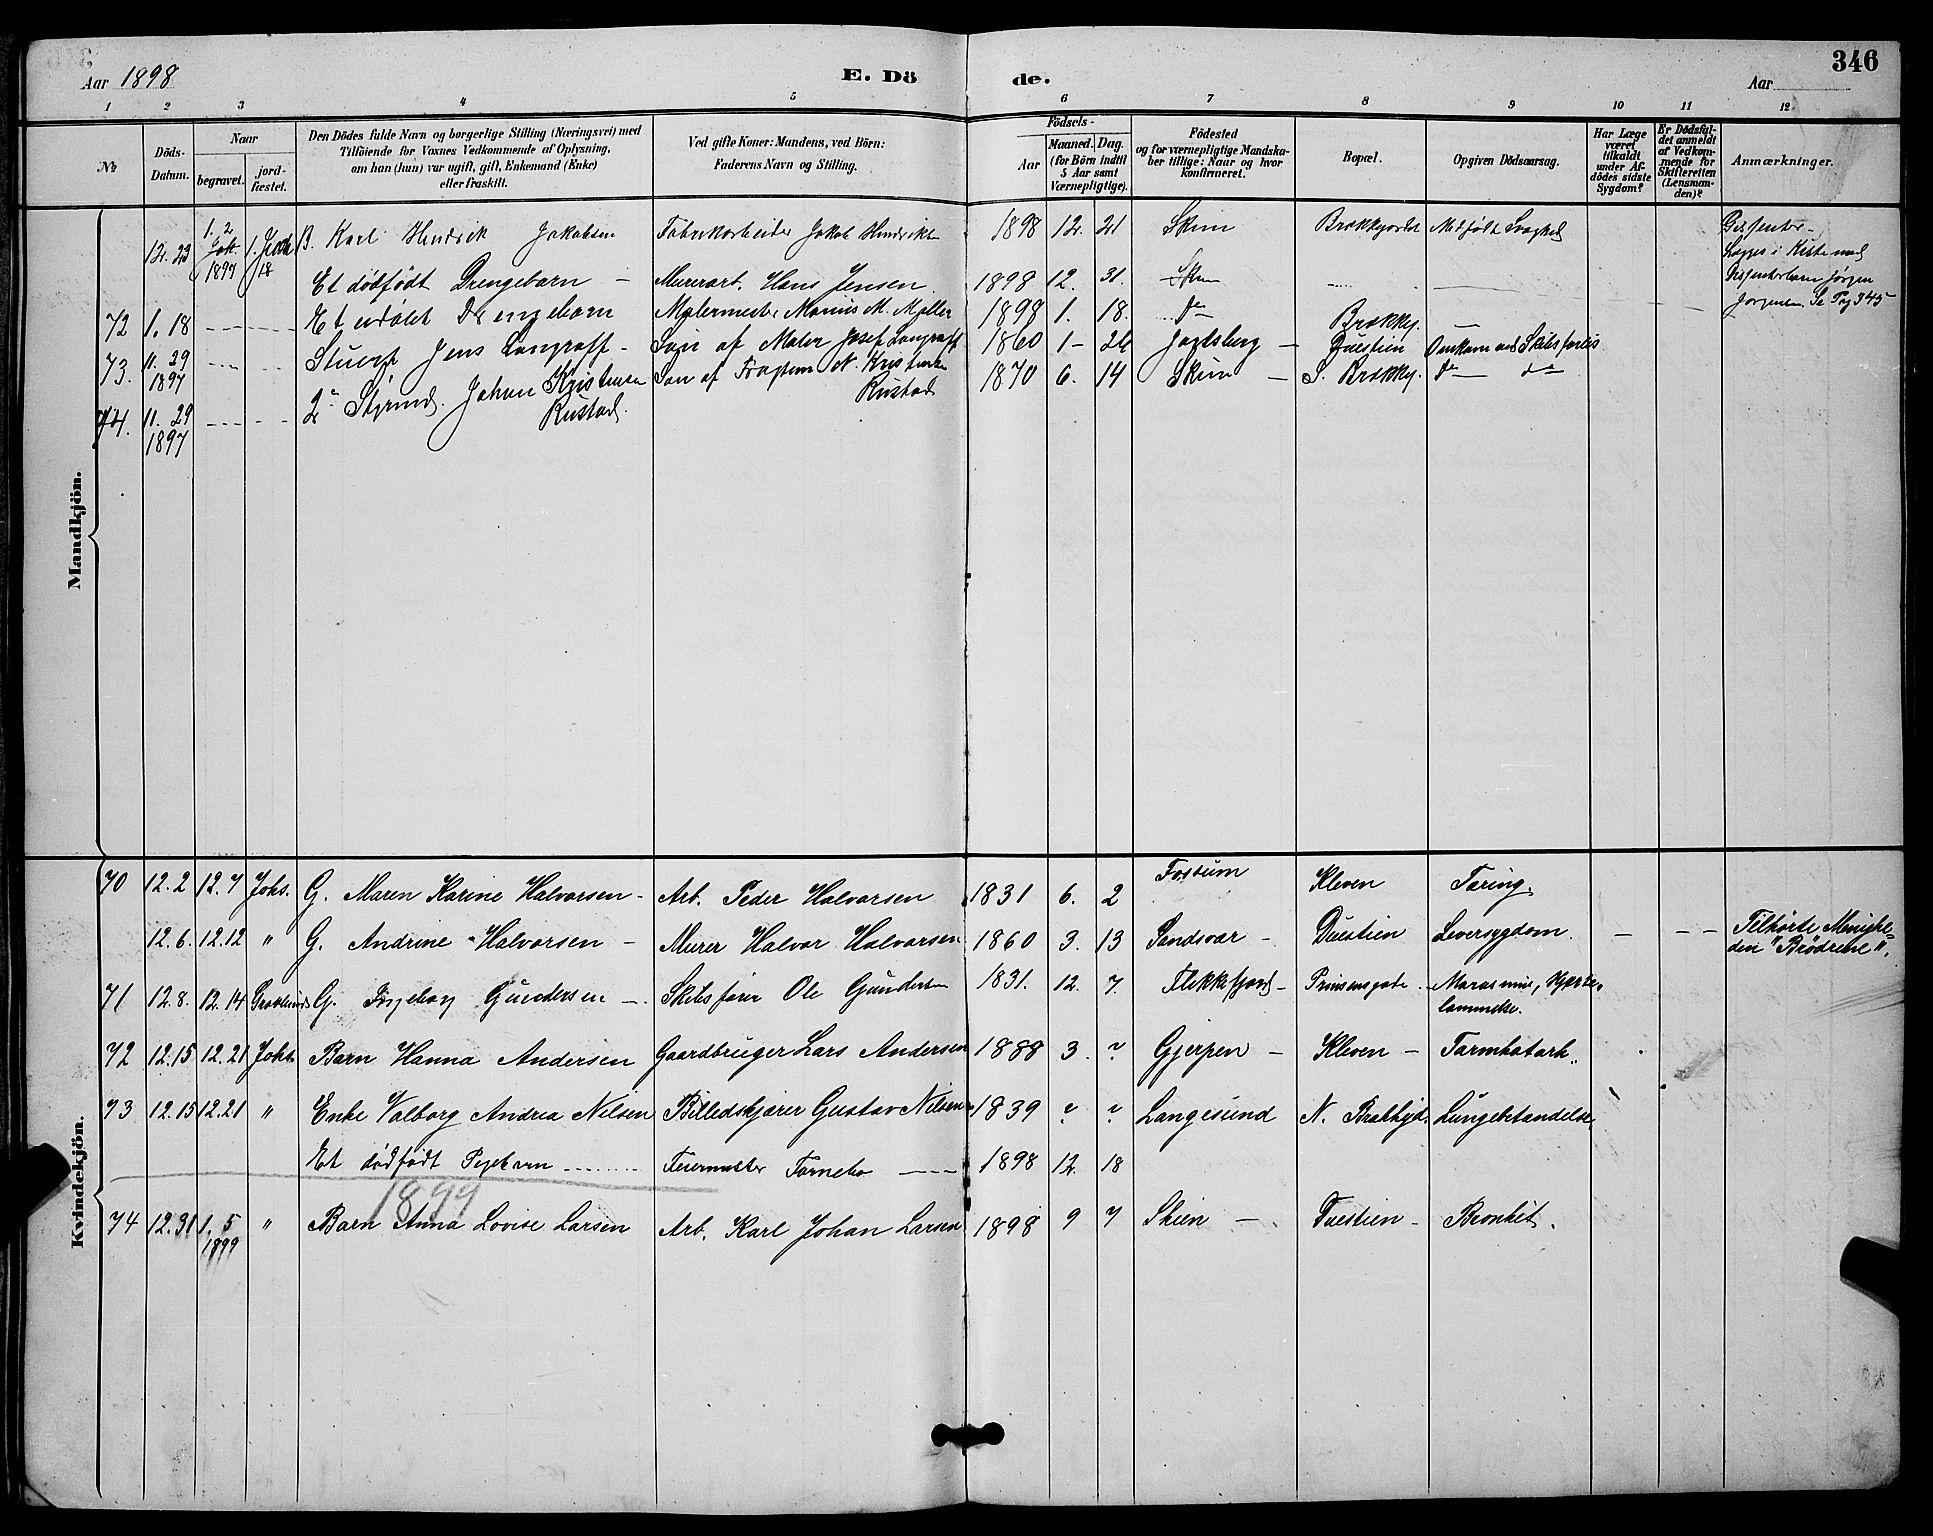 SAKO, Skien kirkebøker, G/Ga/L0007: Klokkerbok nr. 7, 1891-1900, s. 346